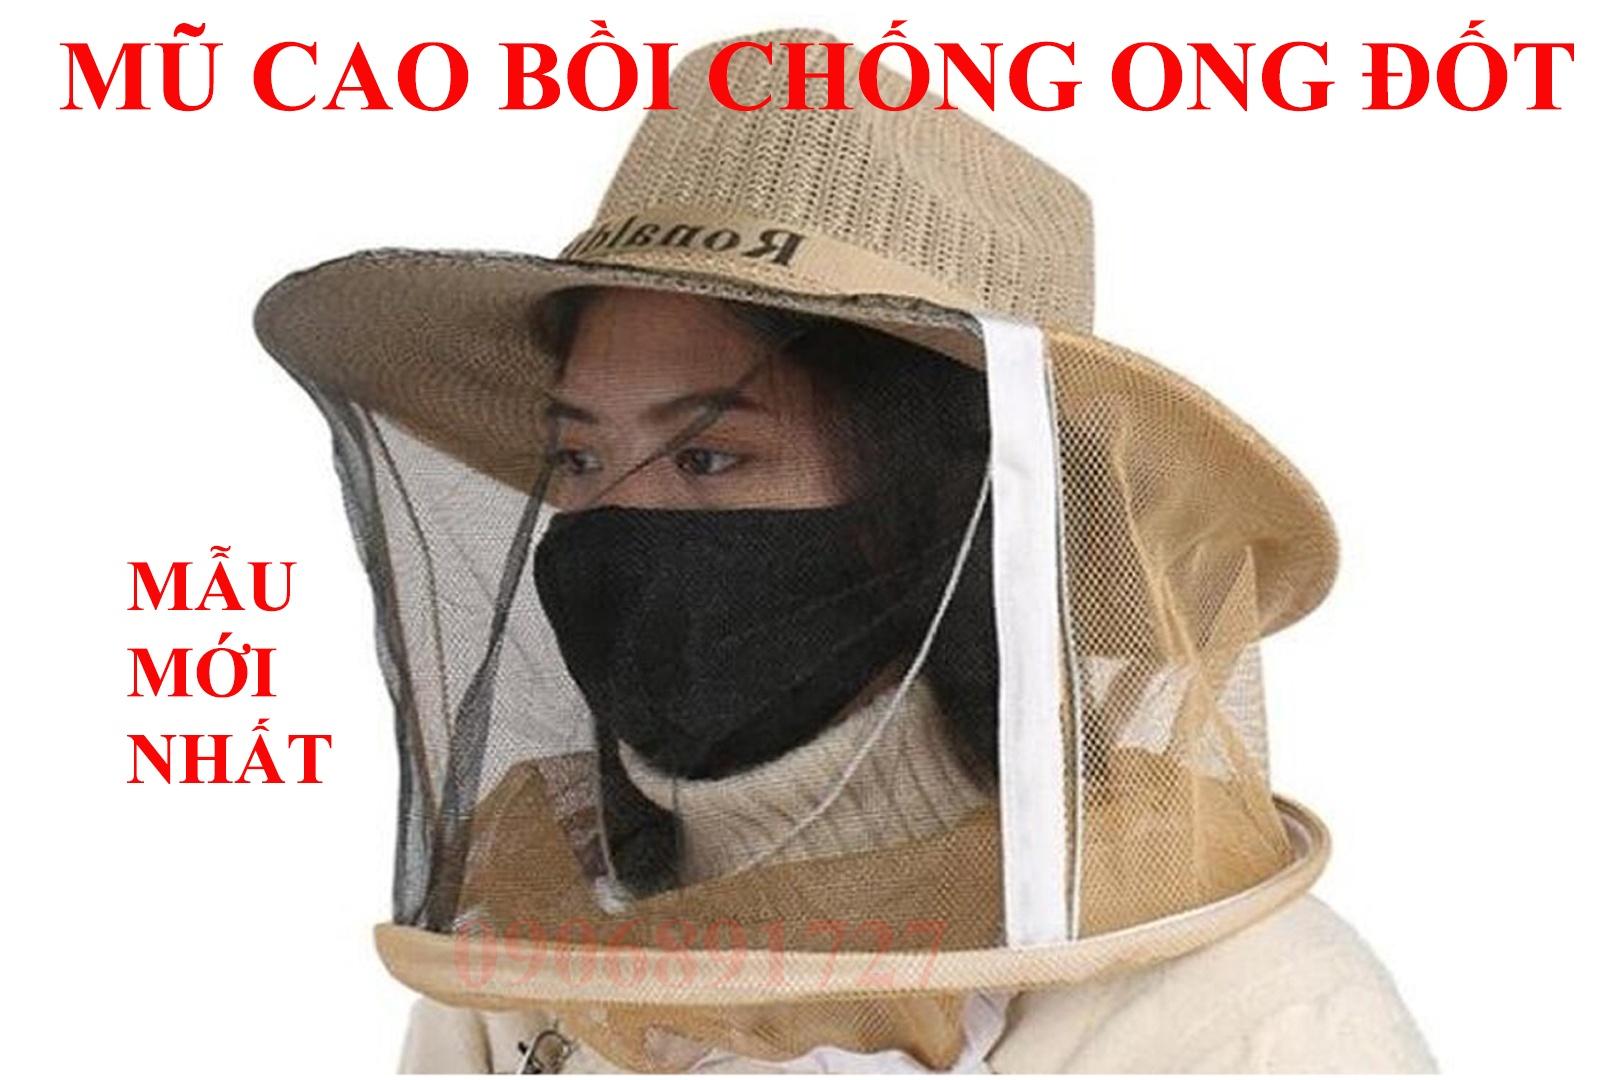 HCM - MŨ CAO BỒI CHỐNG ONG, MUỖI, CON TRÙNG ĐỐT